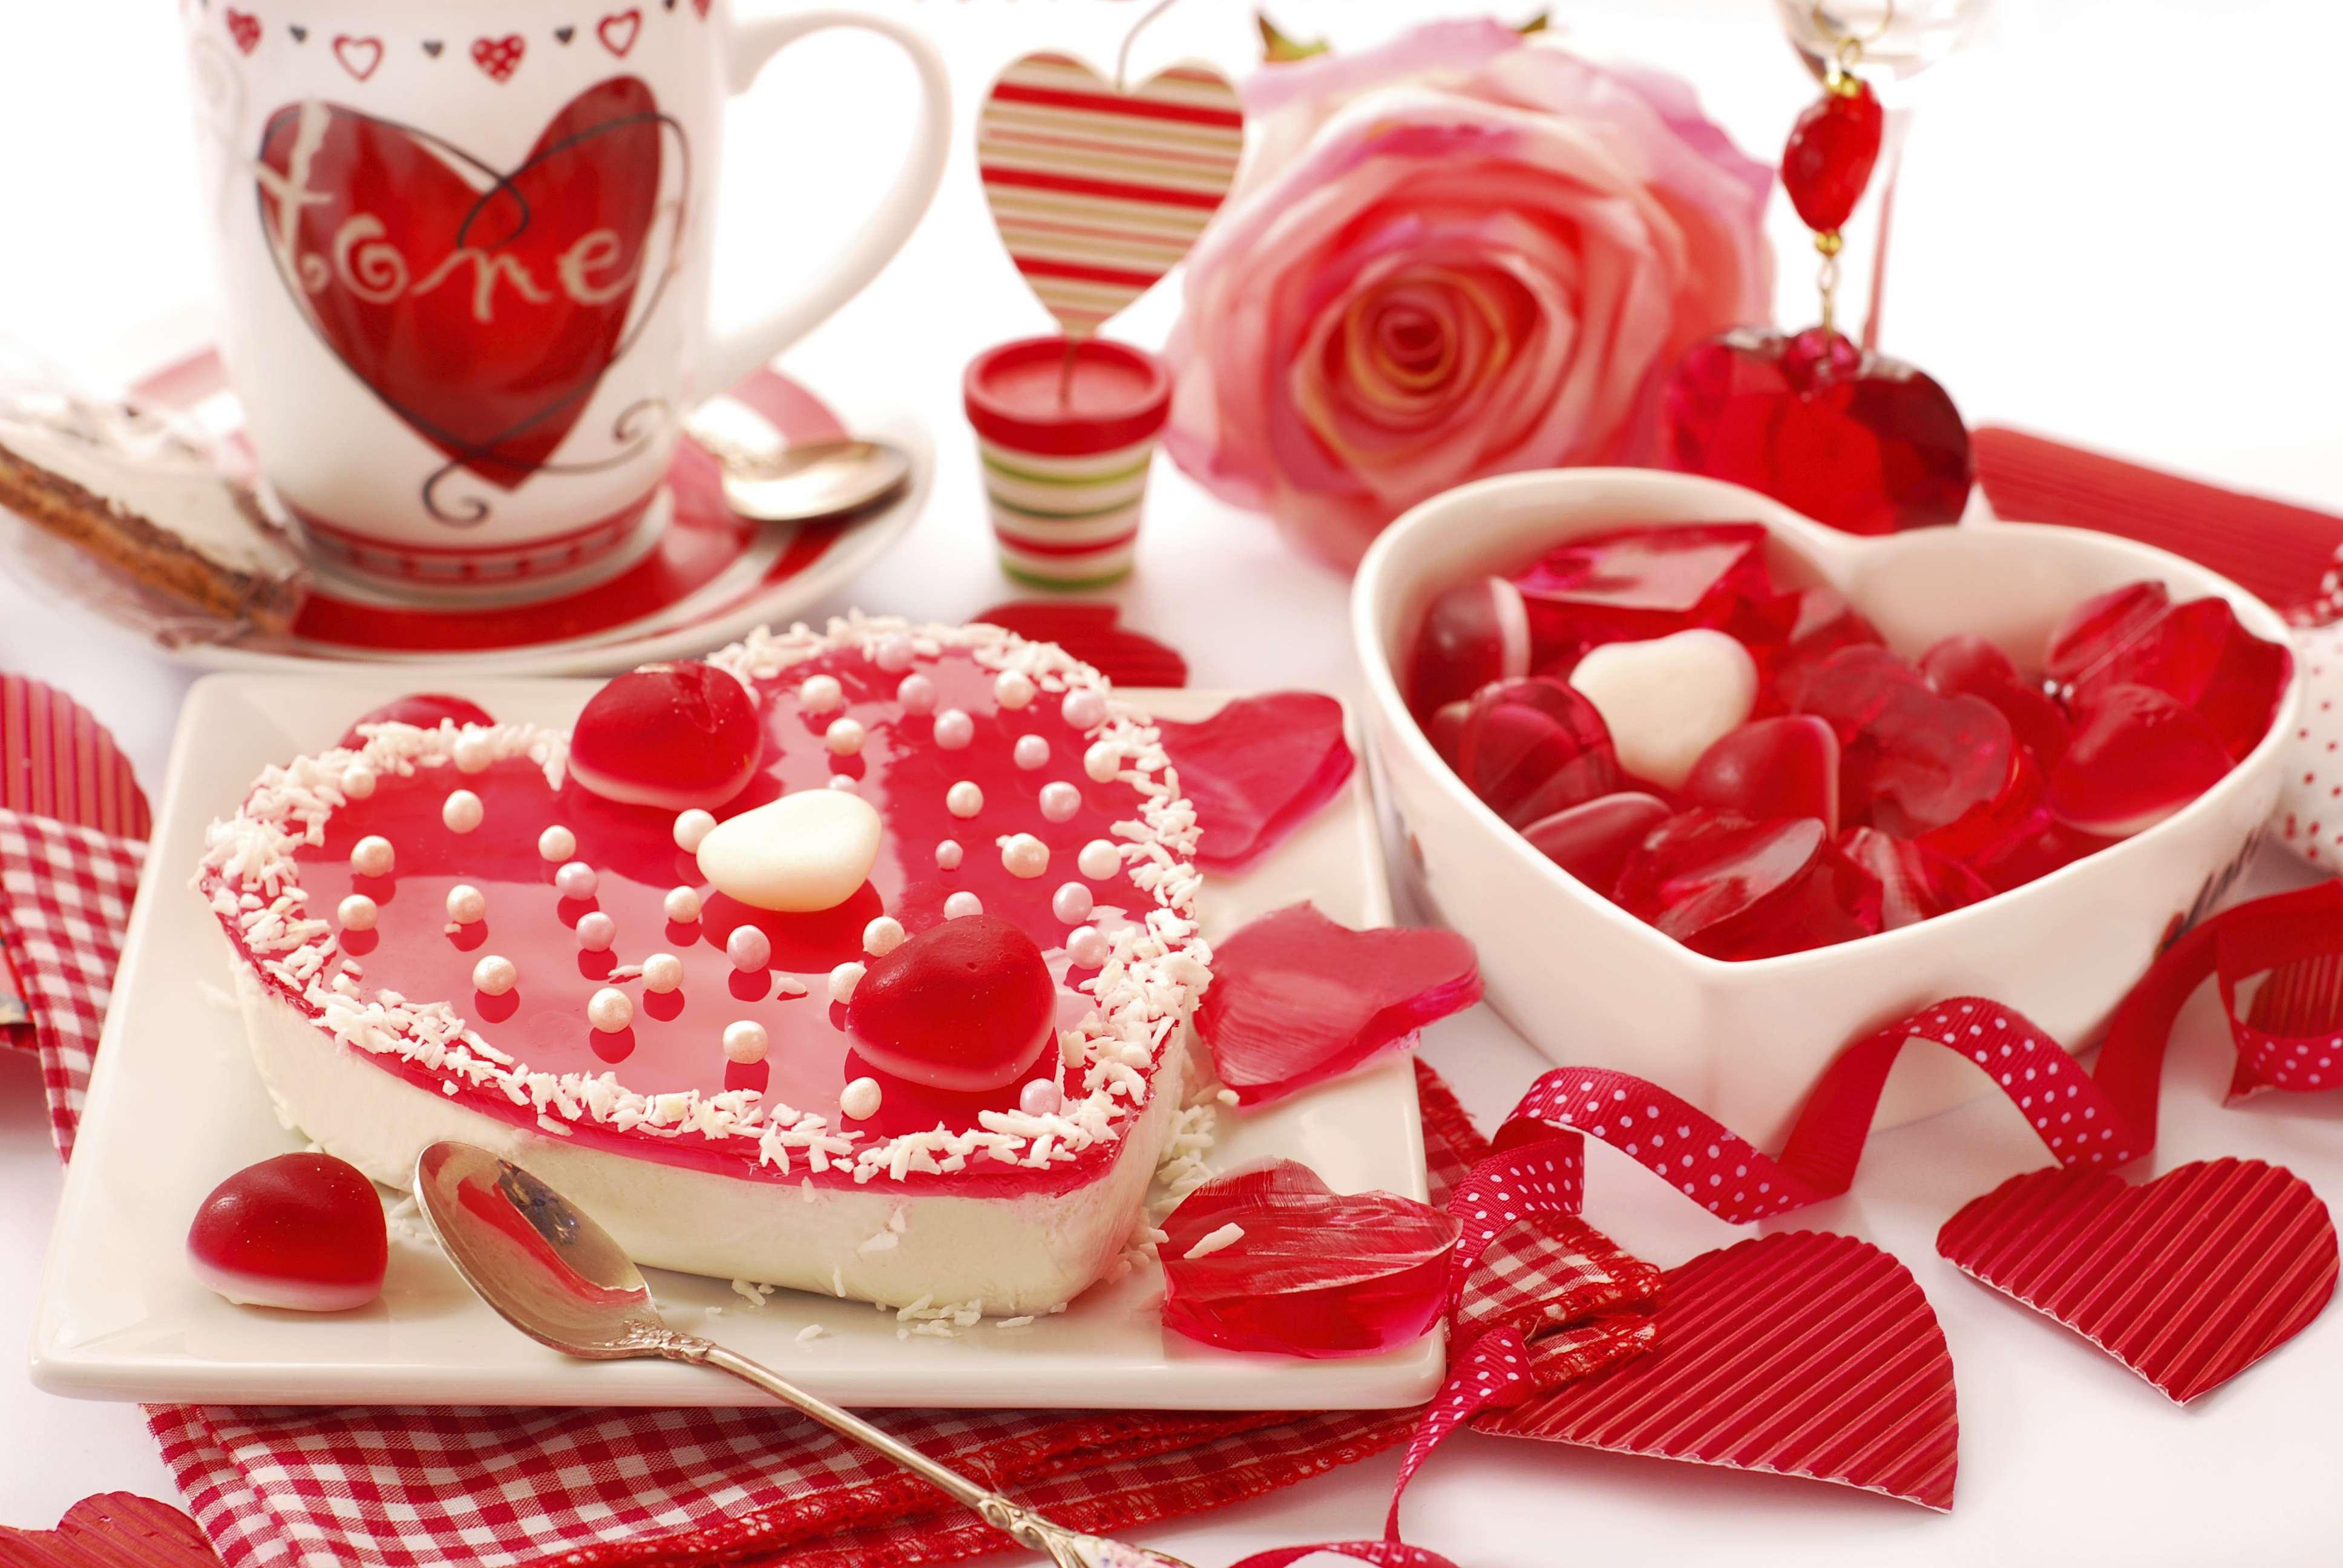 ricetta bimby per san valentino